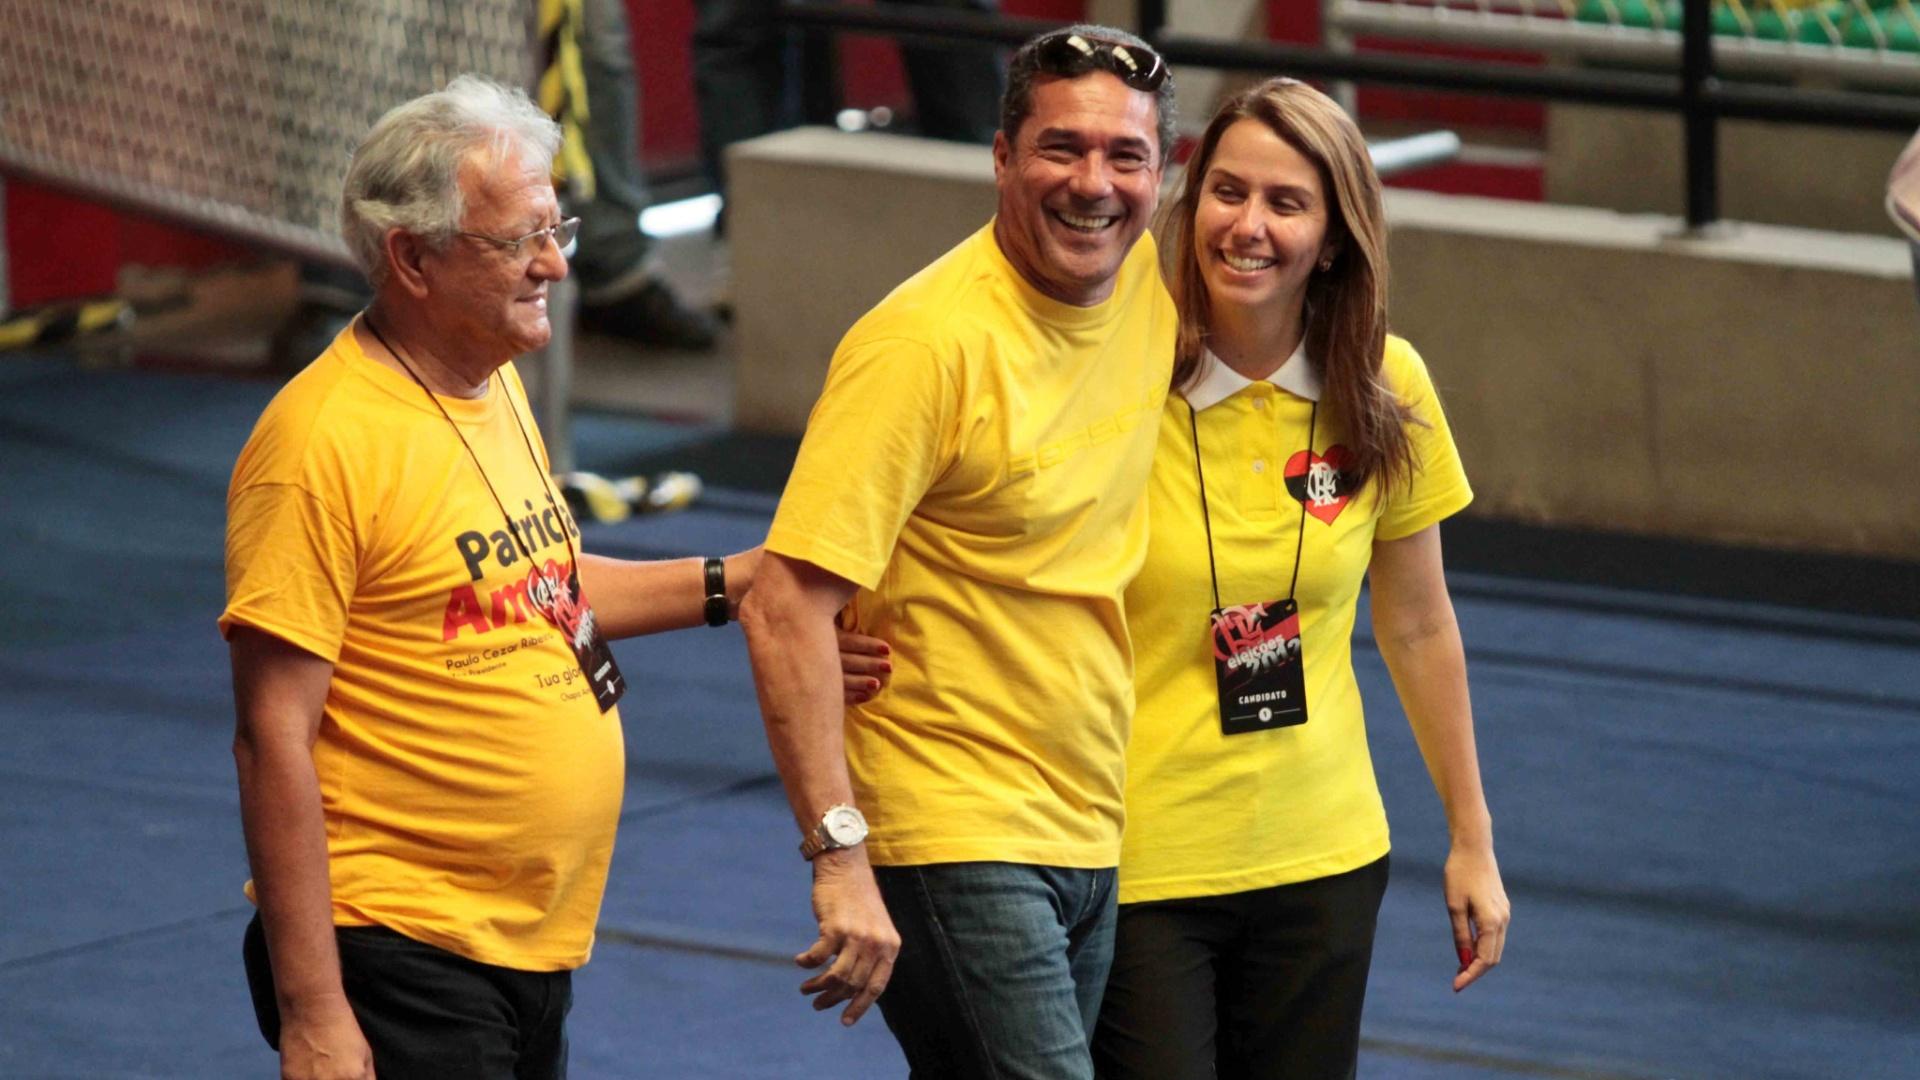 Vanderlei Luxemburgo e Patrícia Amorim abraçados em eleição do Flamengo nesta segunda (03/12)